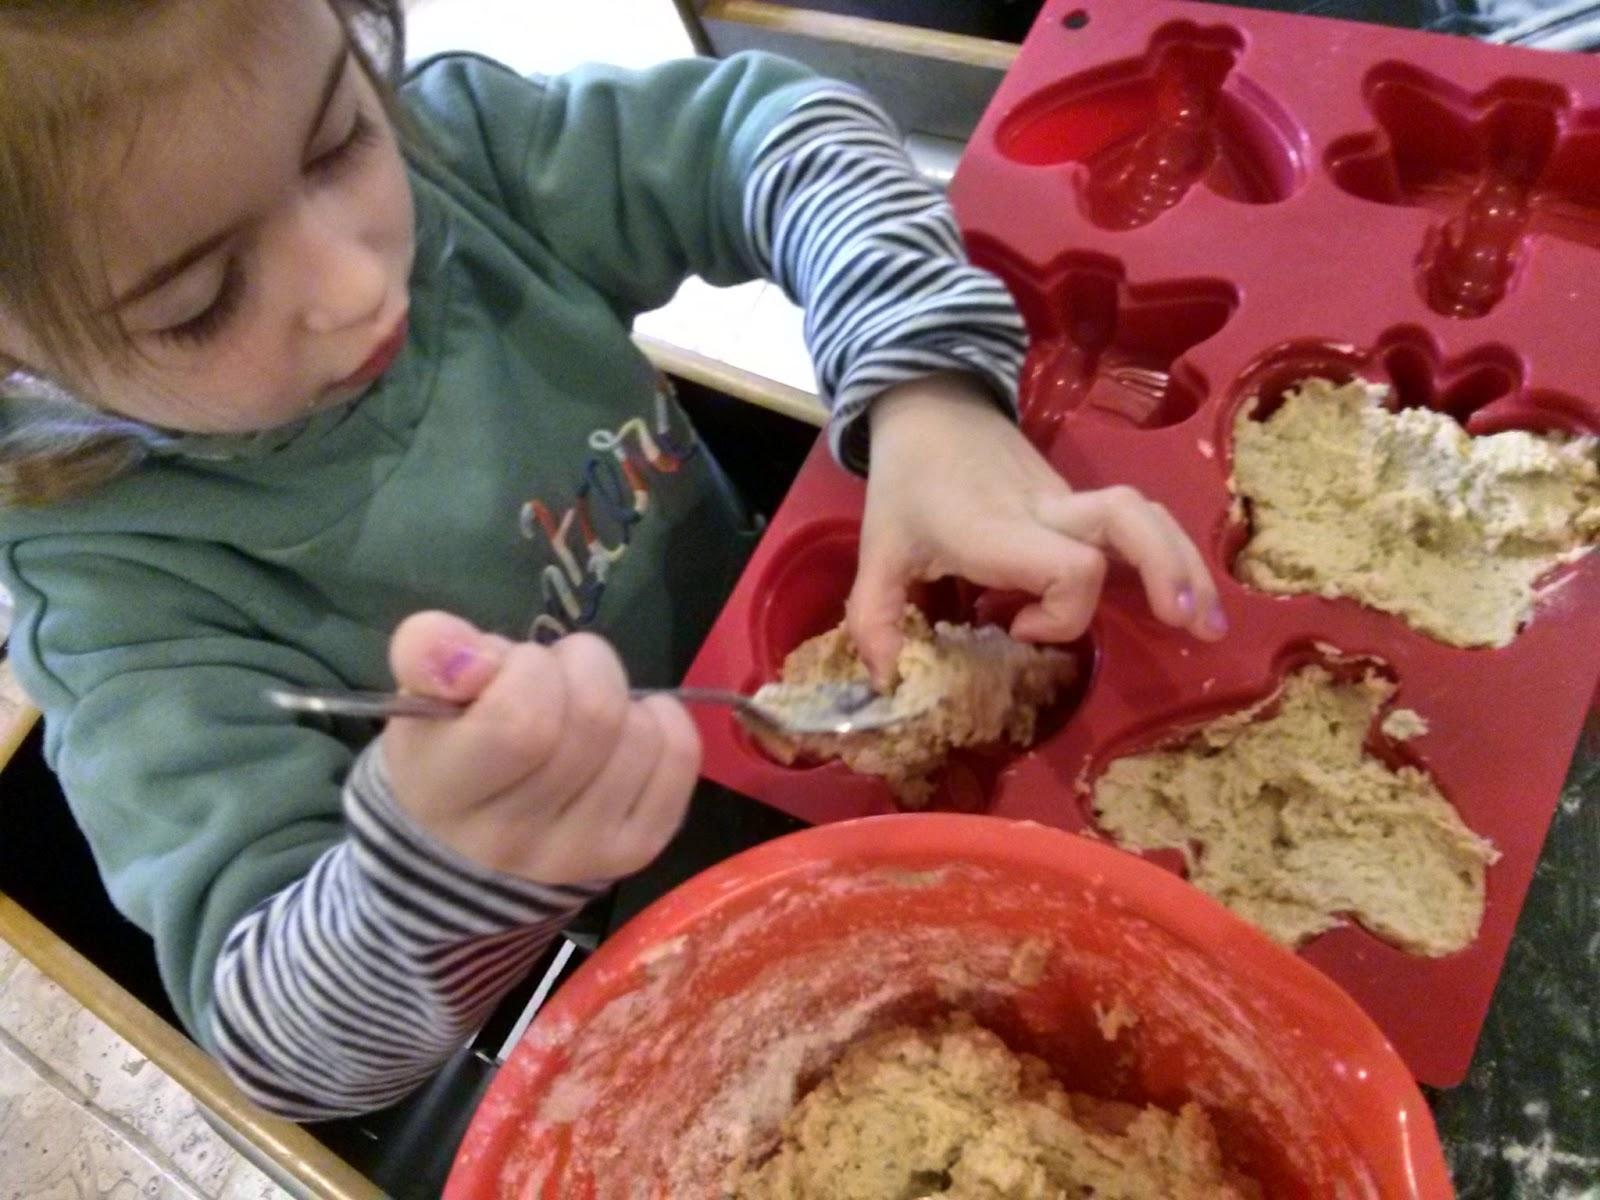 dough into moulds